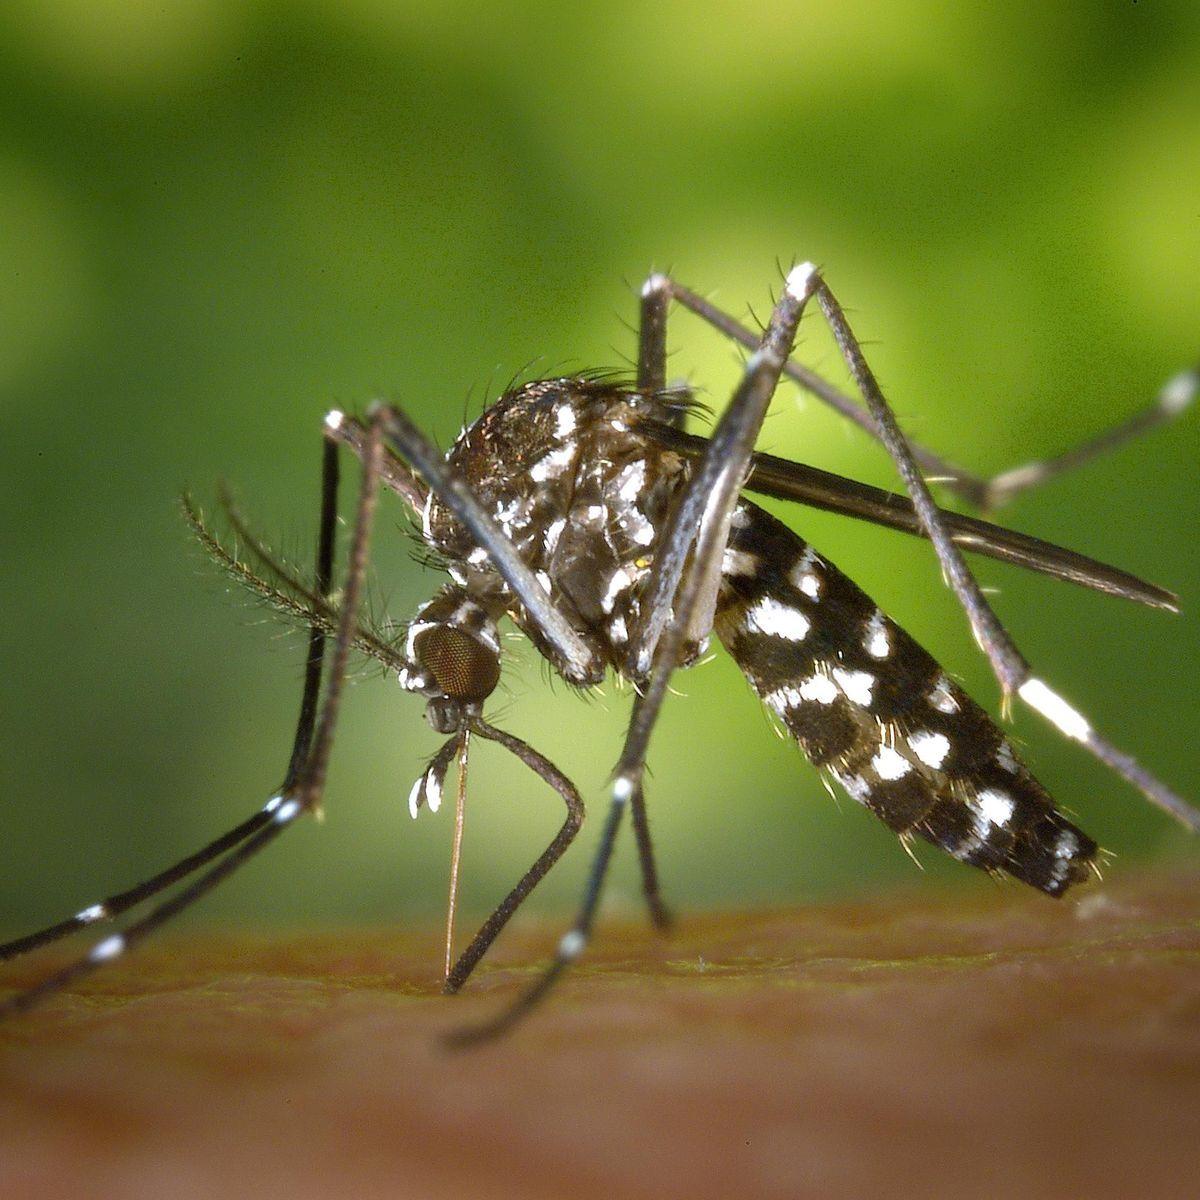 Le moustique-tigre : l'identifier, ses dangers, la carte de sa surveillance en France – Doctissimo